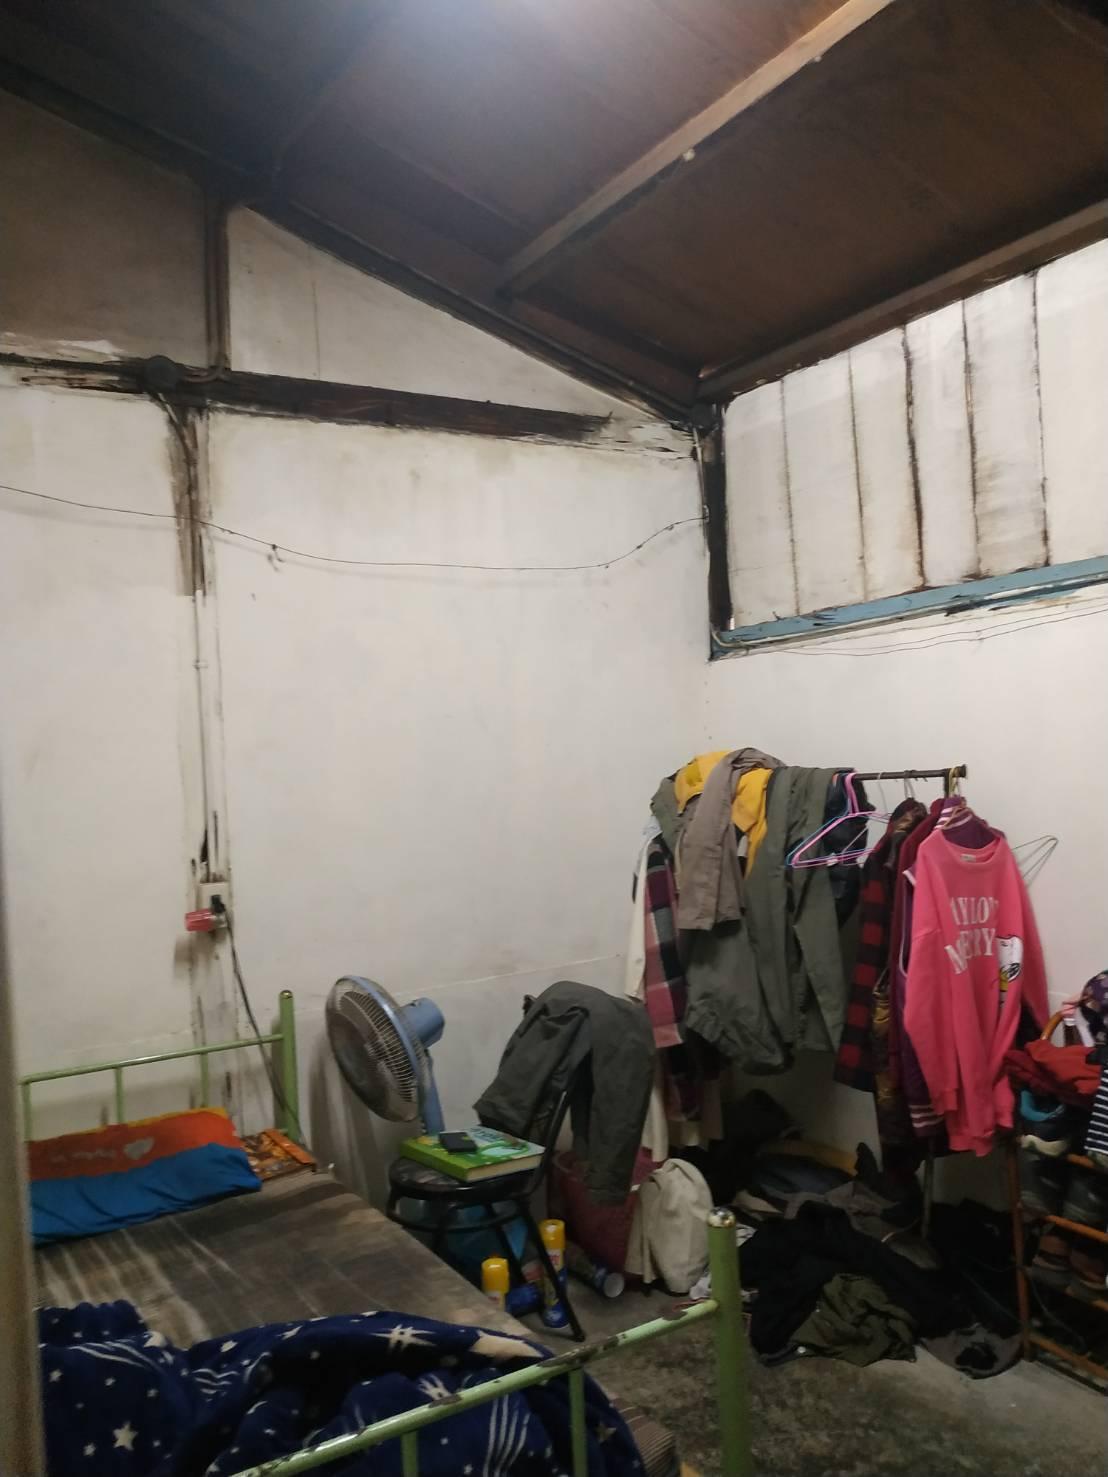 黃姓一家古厝翻修前,3姐弟的房間原來因屋頂漏水嚴重,床鋪都已發霉。圖/林淑勉提供